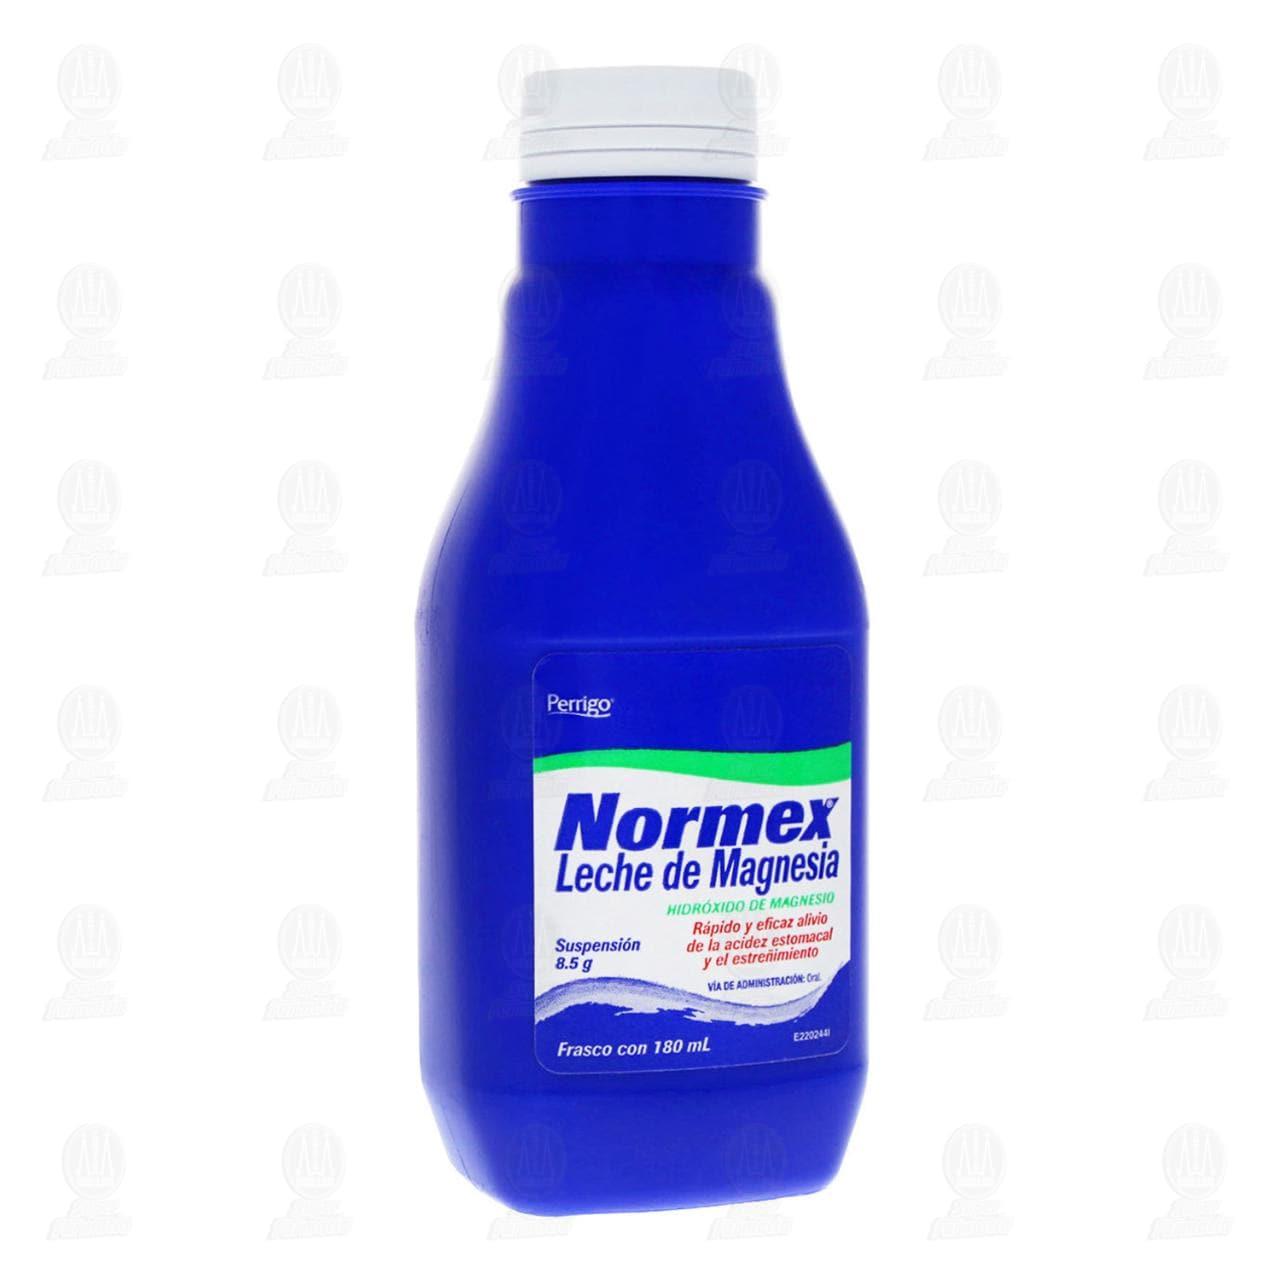 Comprar Leche de Magnesia Normex 8.5gr 180ml Suspensión en Farmacias Guadalajara